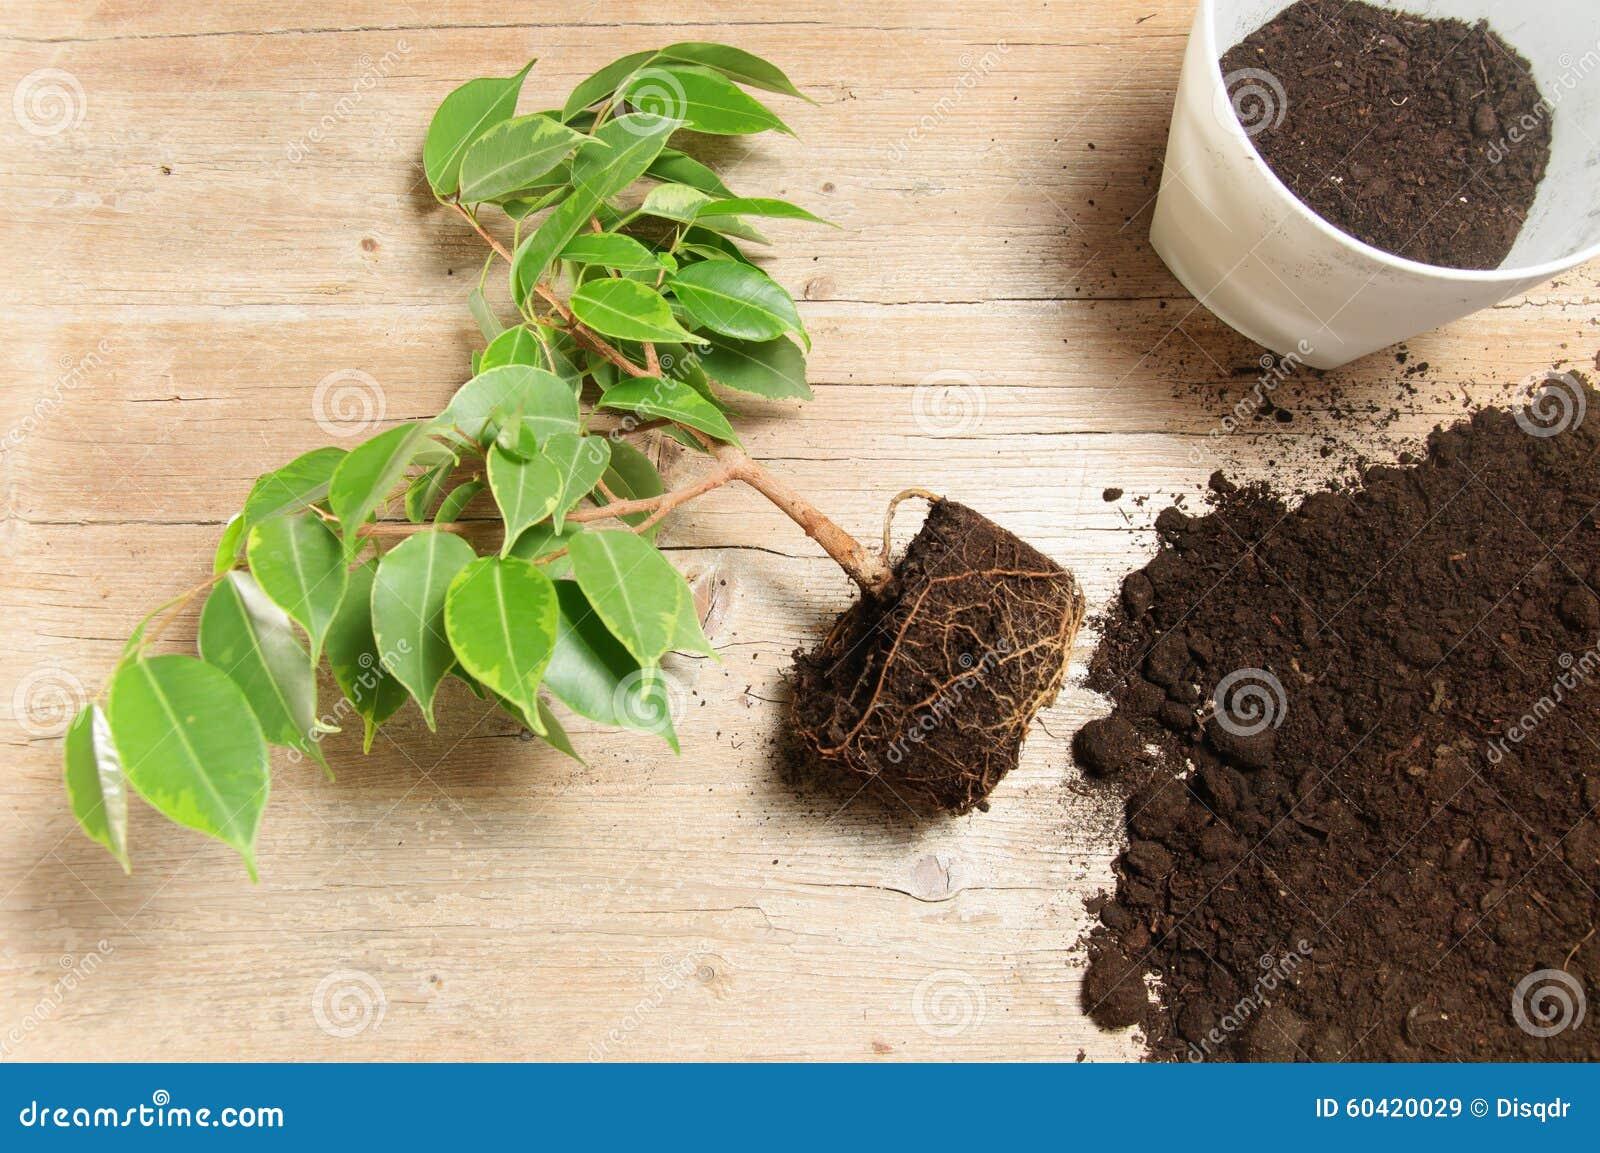 家庭从事园艺的绿色植物